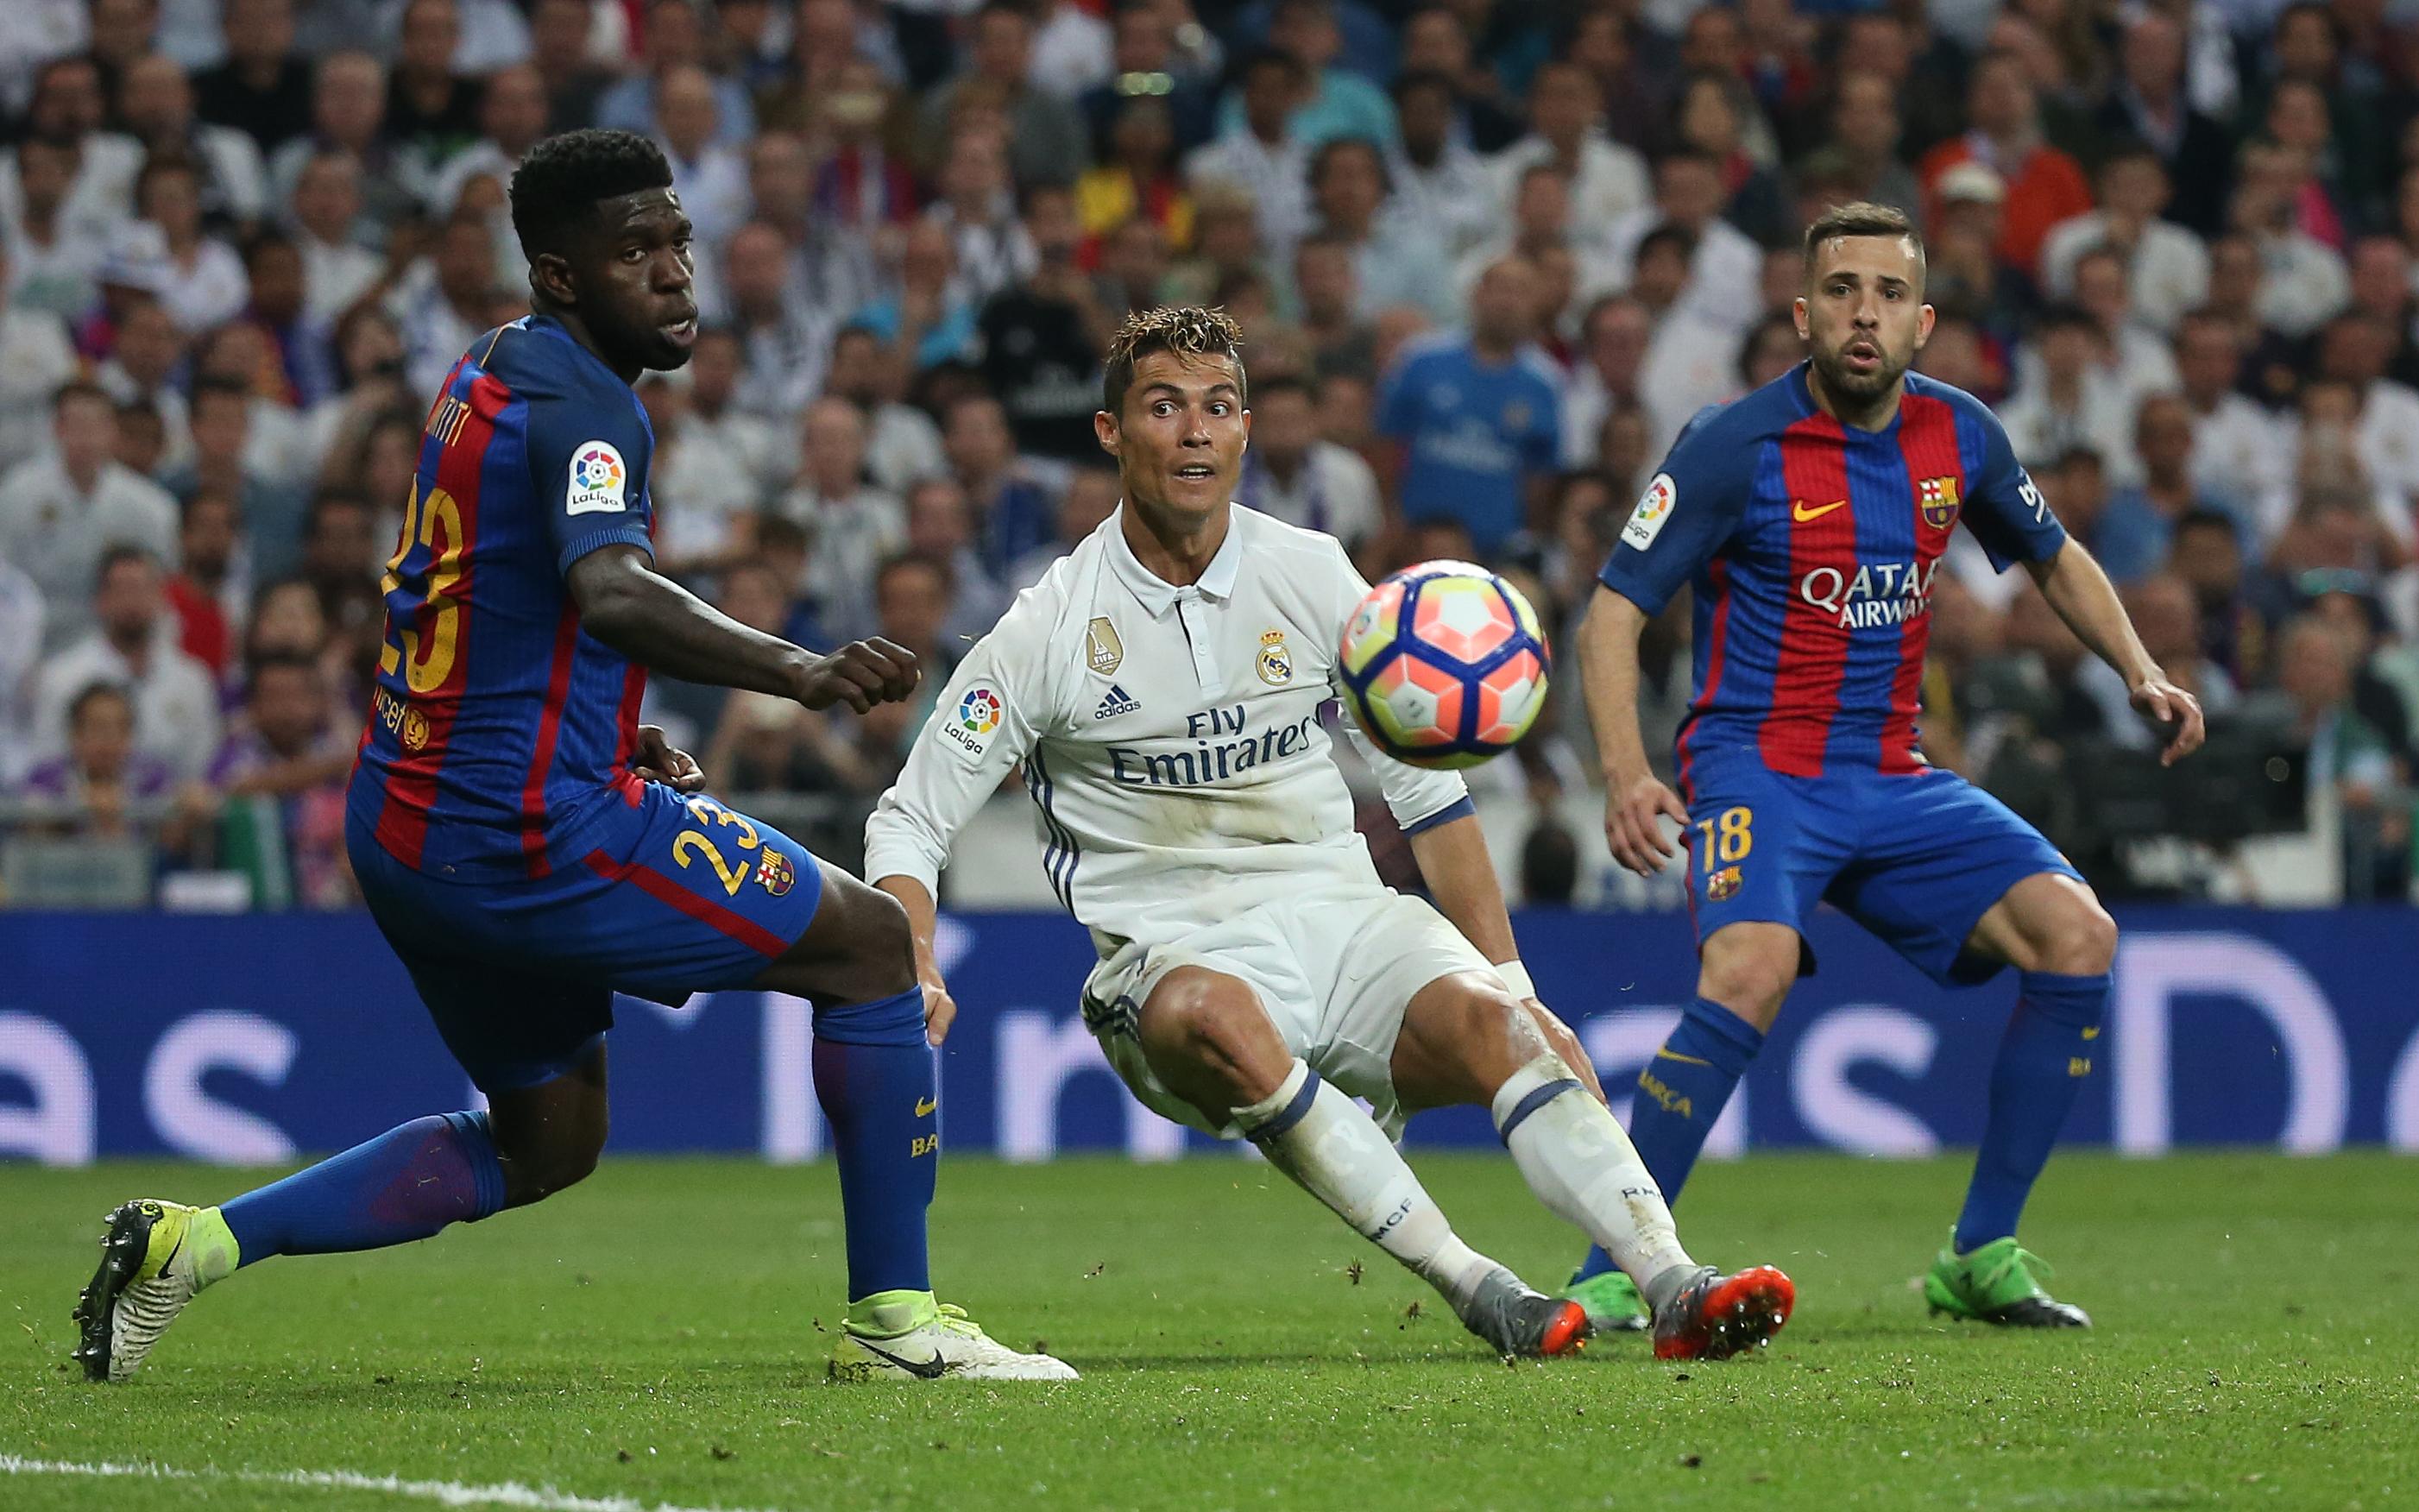 كريستيانو رونالدو يقود ريال مدريد أمام برشلونة الليلة